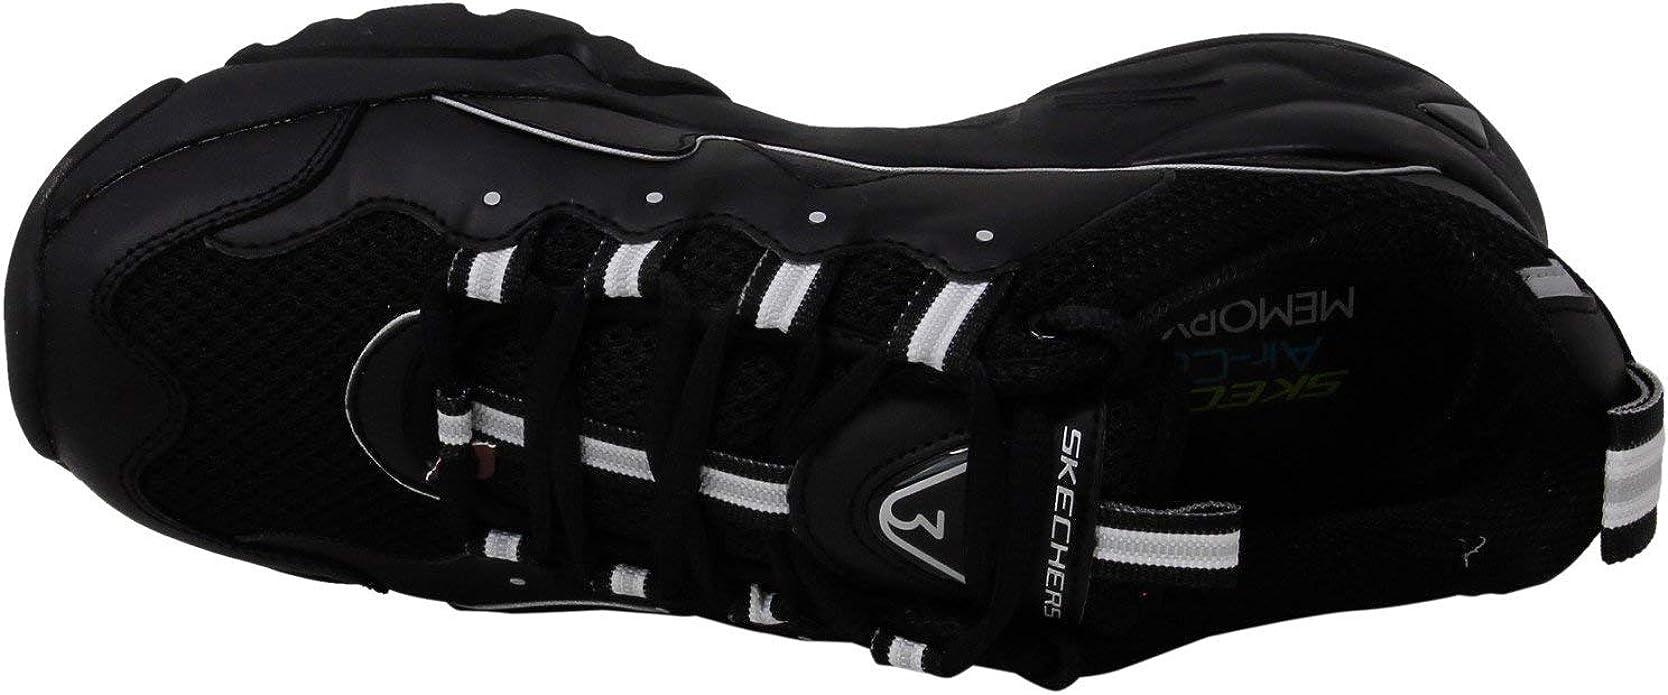 Skechers D'Lites 3 Silverwood Baskets Montantes pour Homme